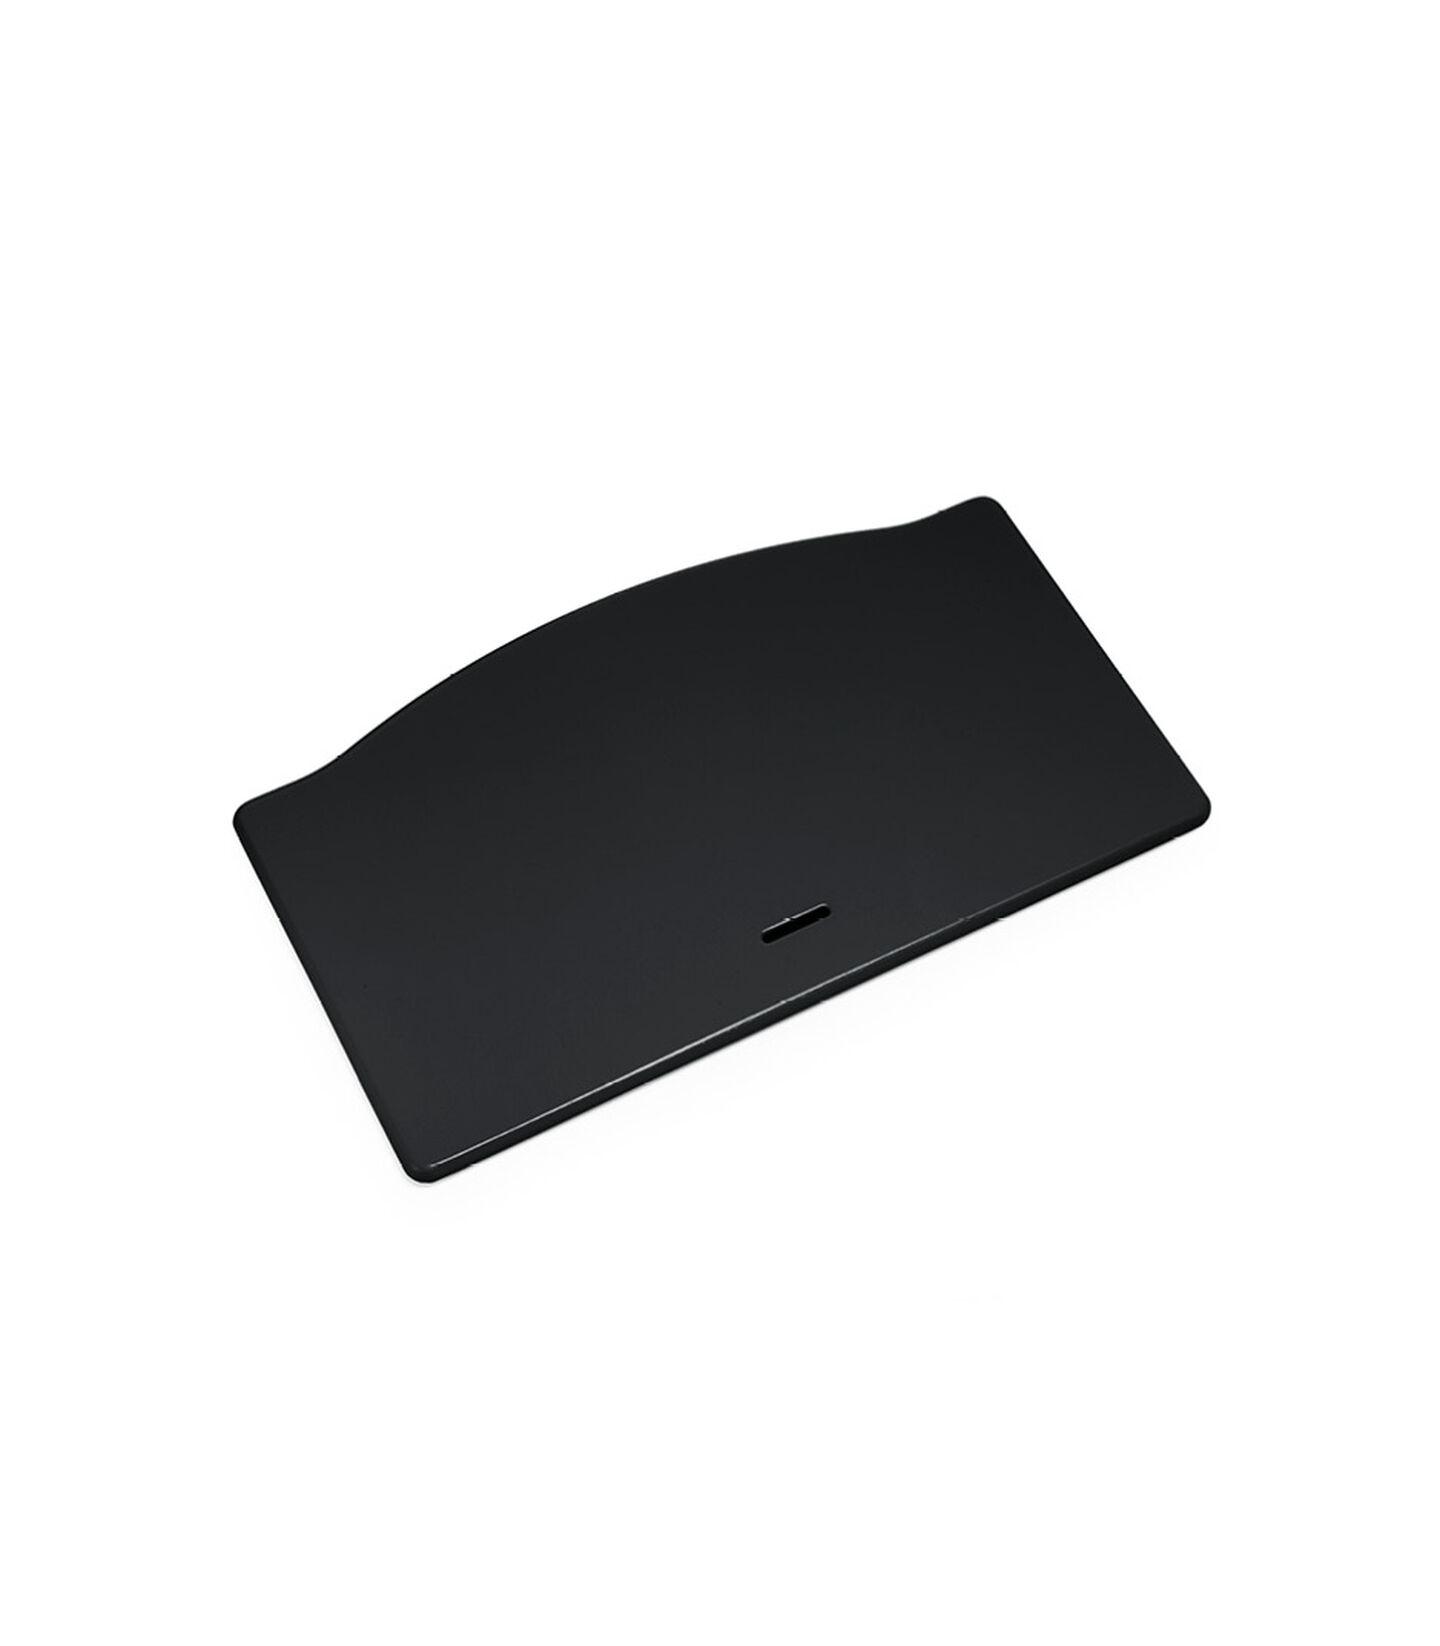 Tripp Trapp® Sitzplatte Black, Black, mainview view 2